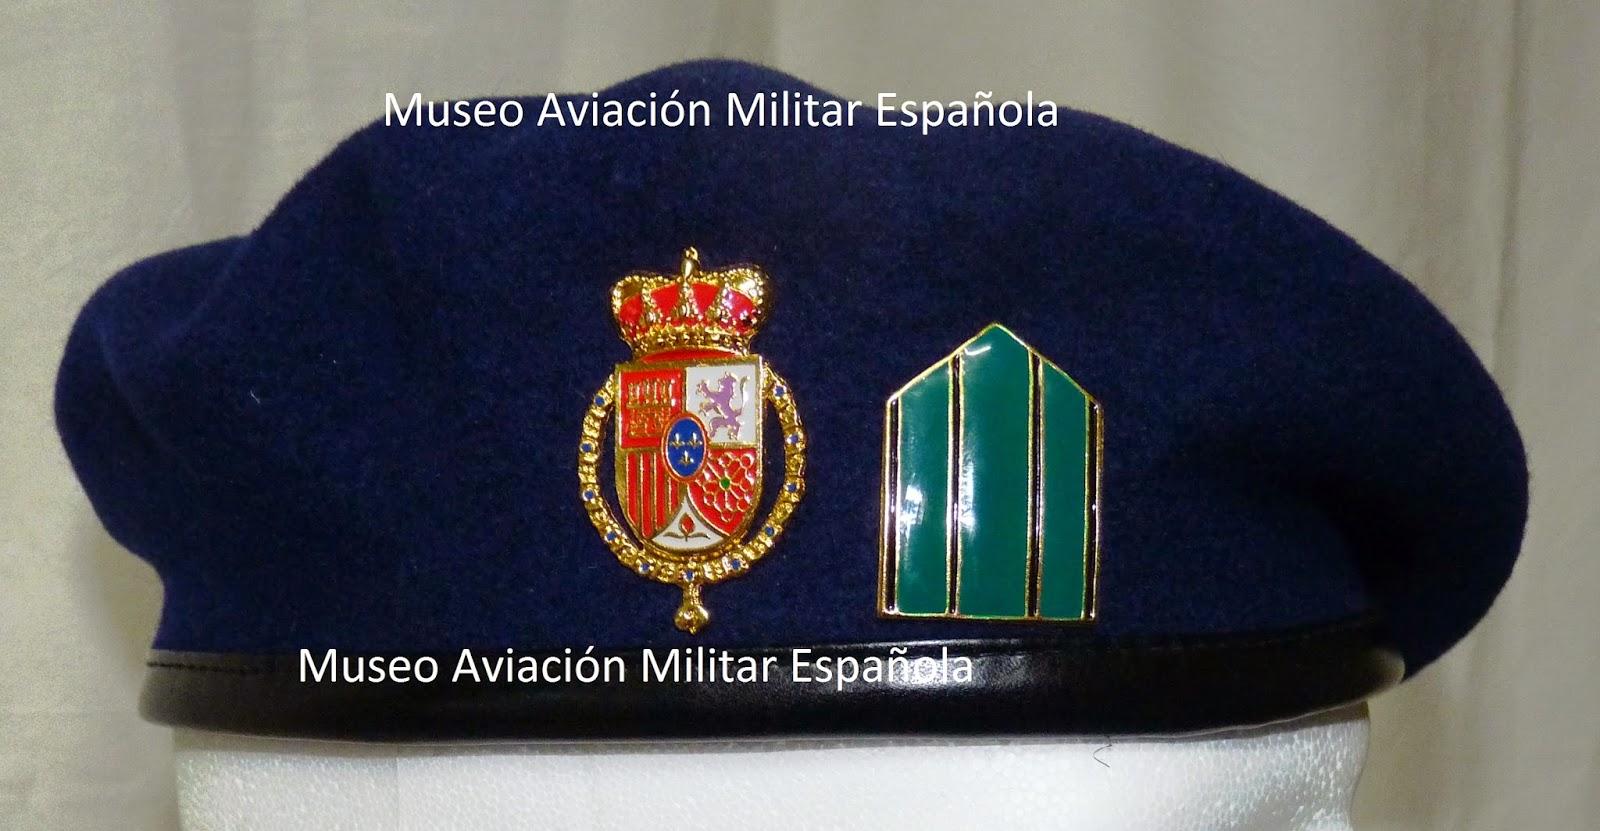 49e4ceef2f5d7 MUSEO AVIACION MILITAR ESPAÑOLA  BOINA DE LA GUARDIA REAL DE S.M. ...